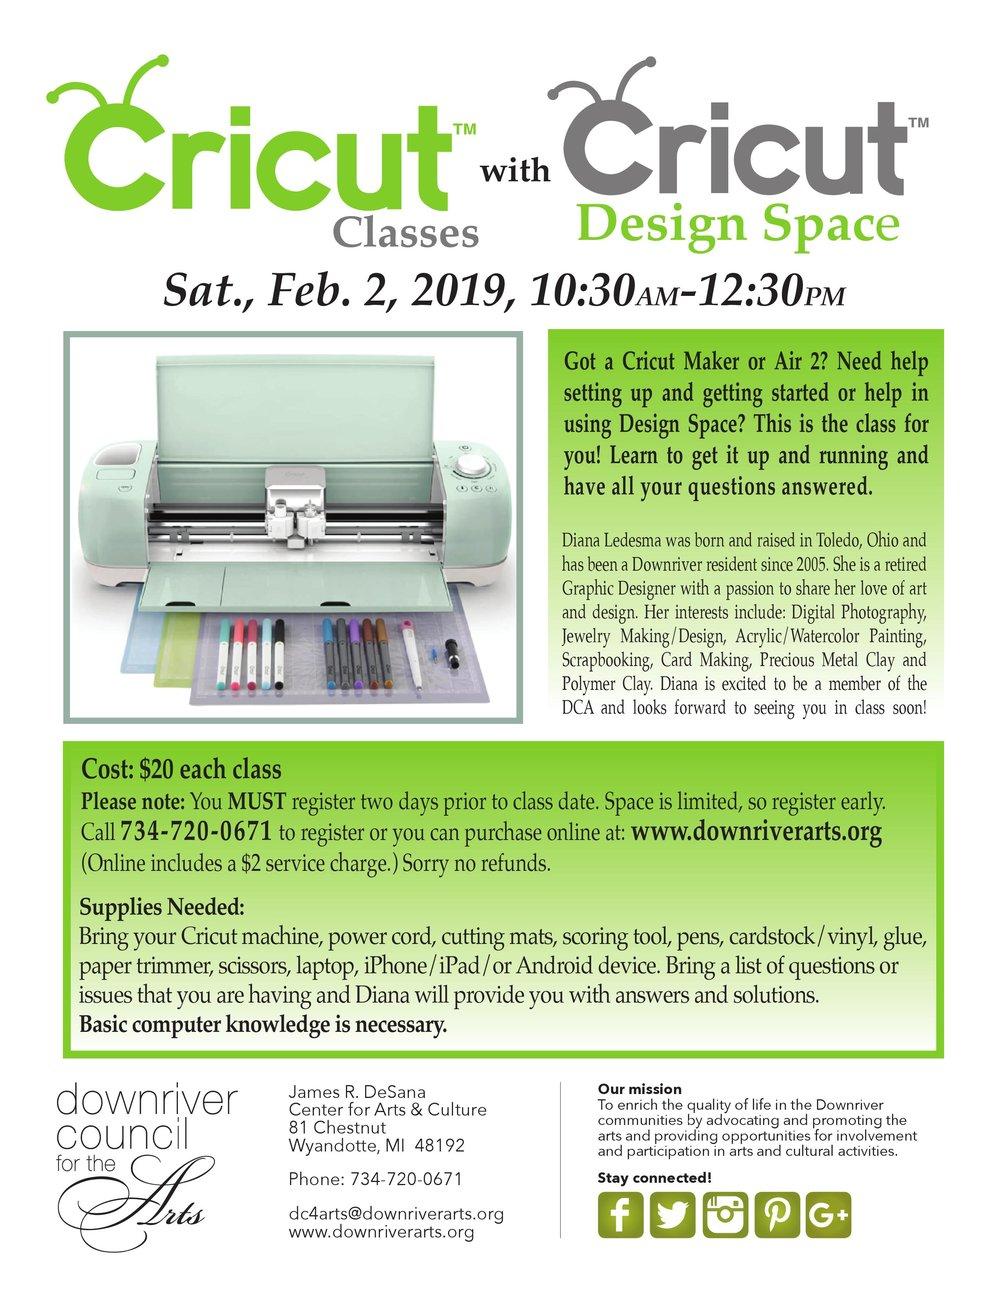 Feb 2 2019 CRICUT Classes_00001.jpg